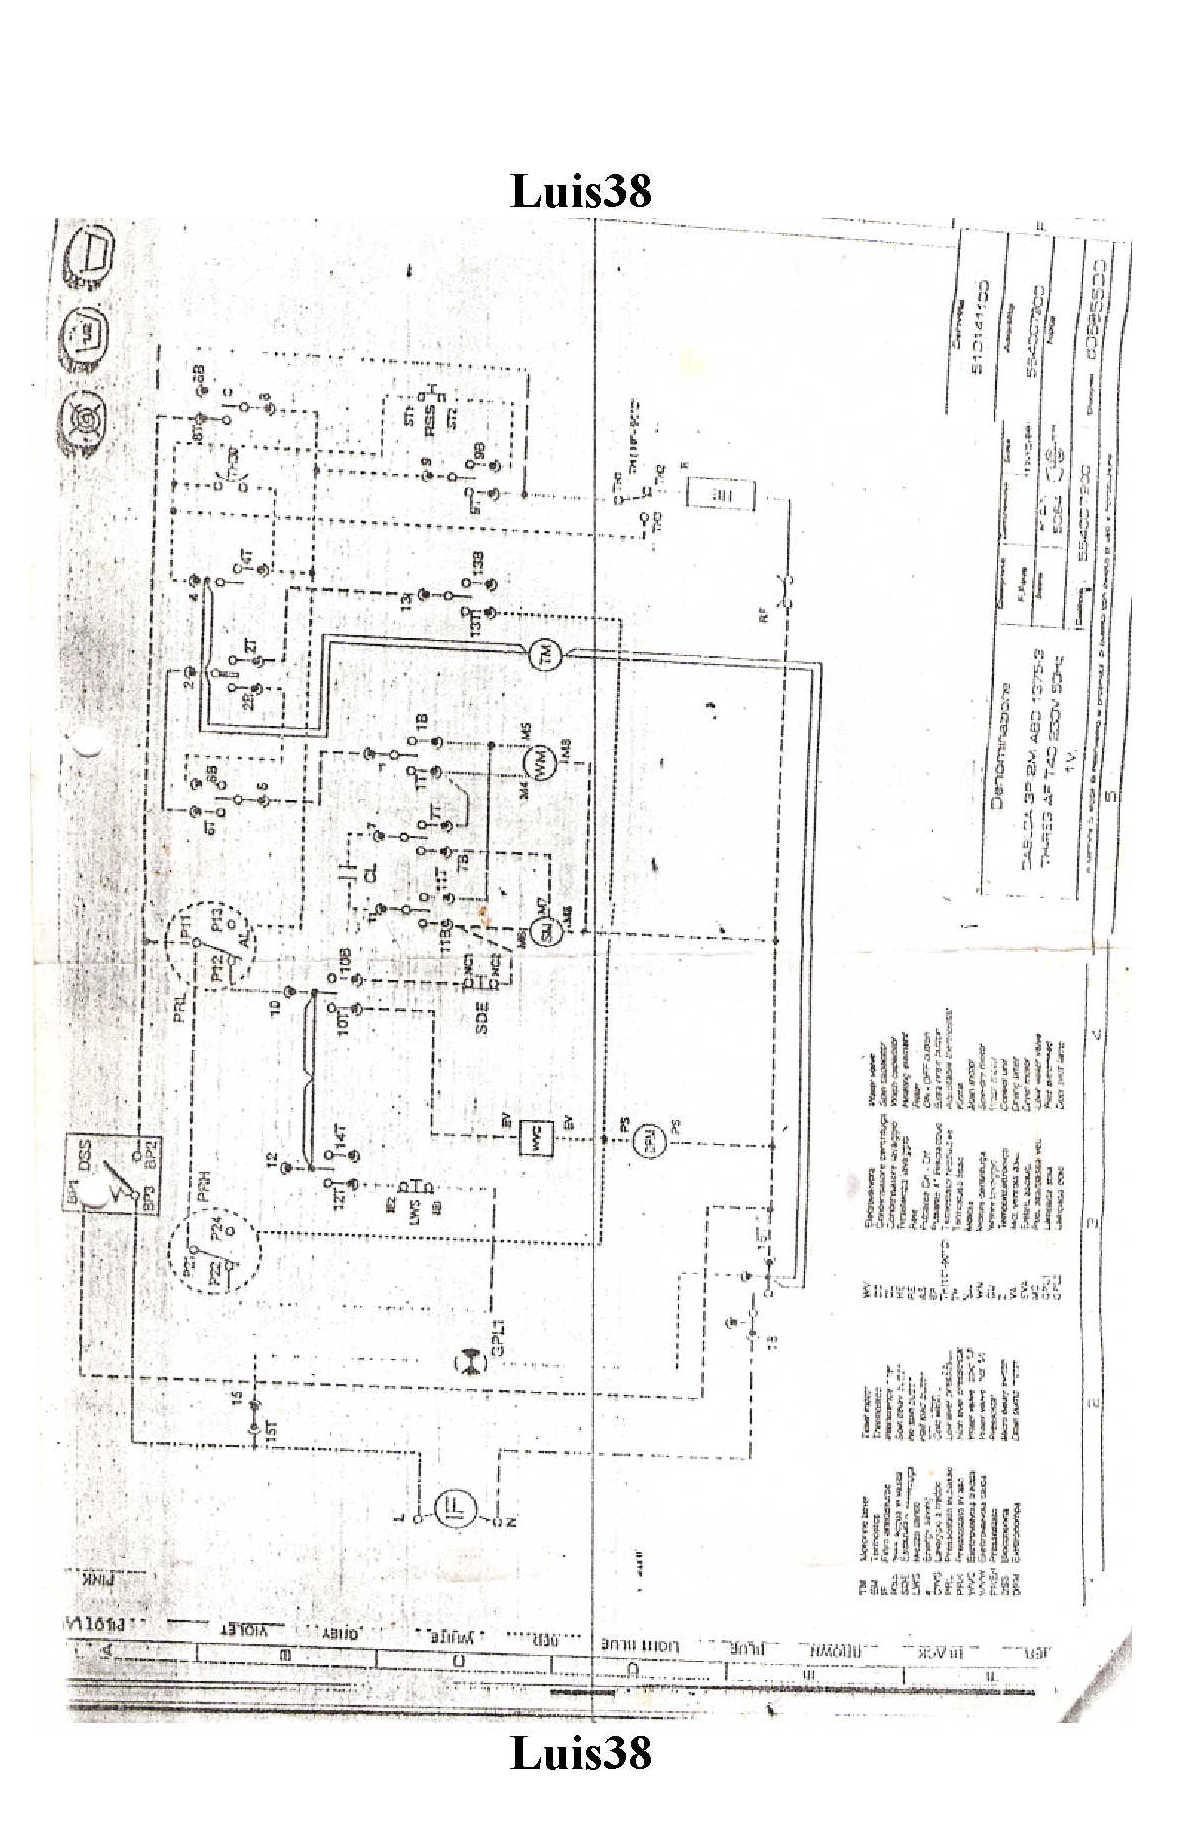 solucionado  nesecito el diagrama de cableado de lavarropa tonomac tm60